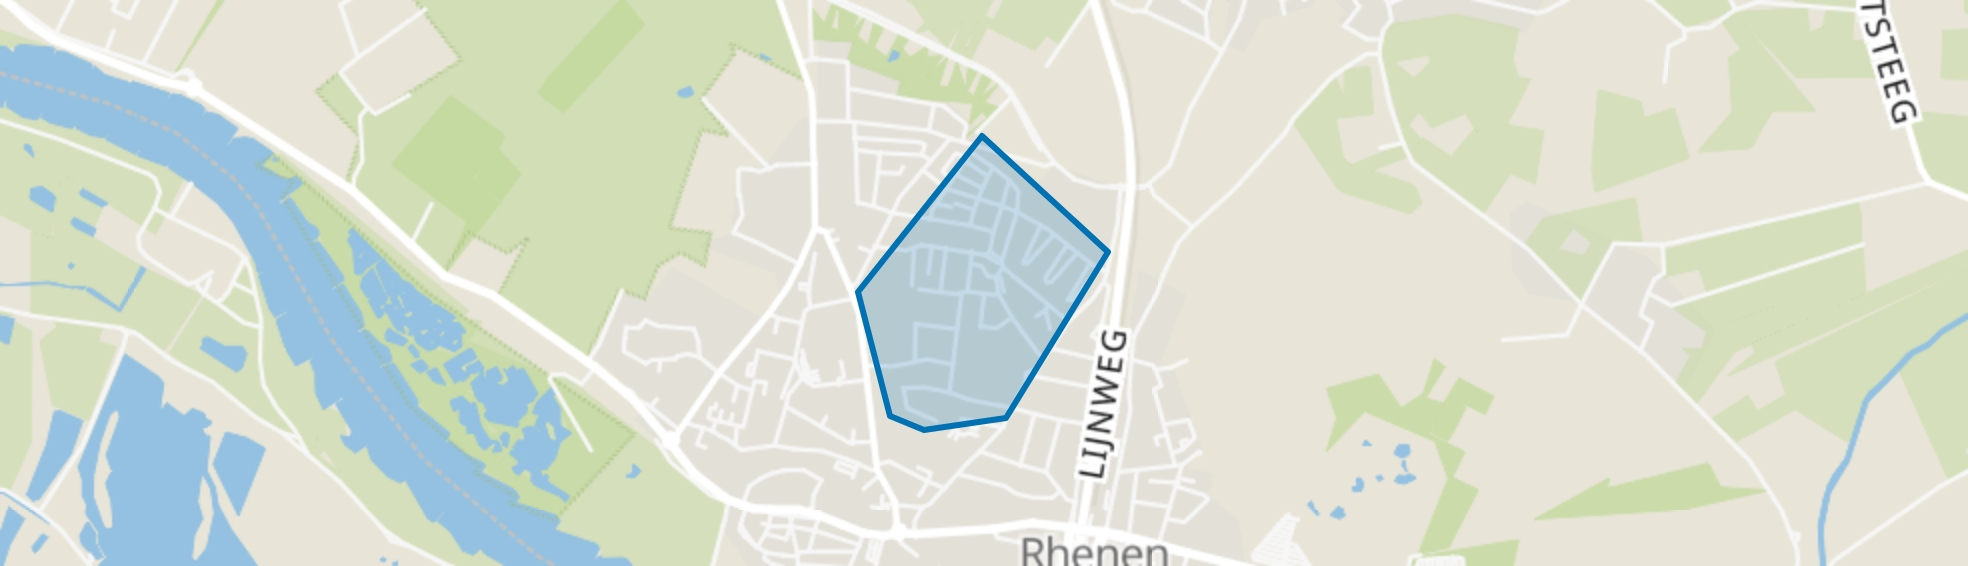 Rhenen Hoog, Rhenen map